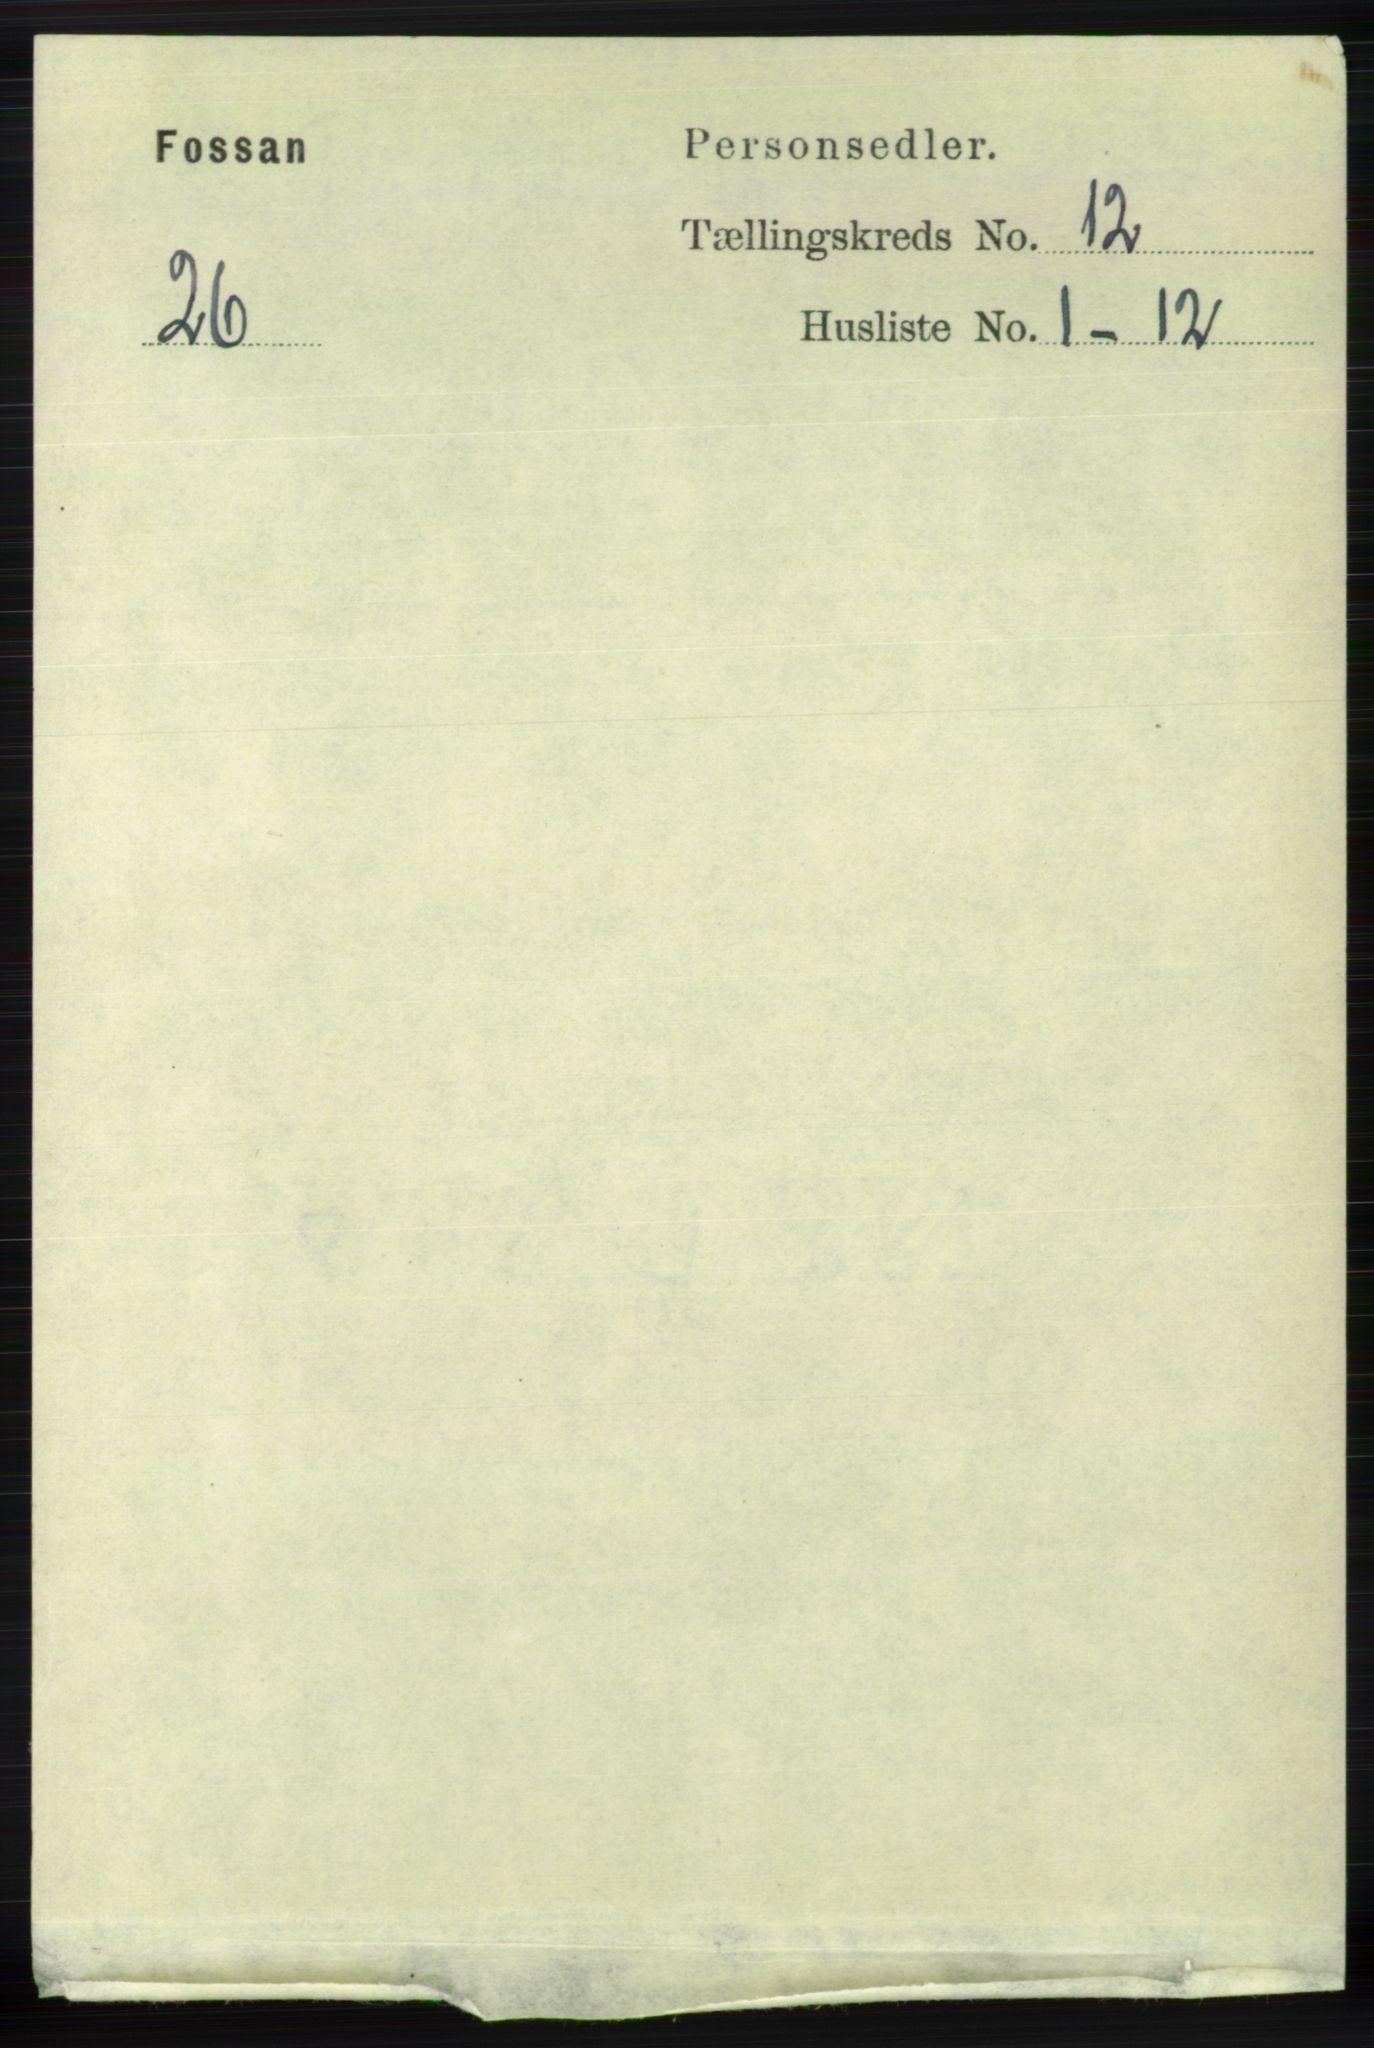 RA, Folketelling 1891 for 1129 Forsand herred, 1891, s. 1930